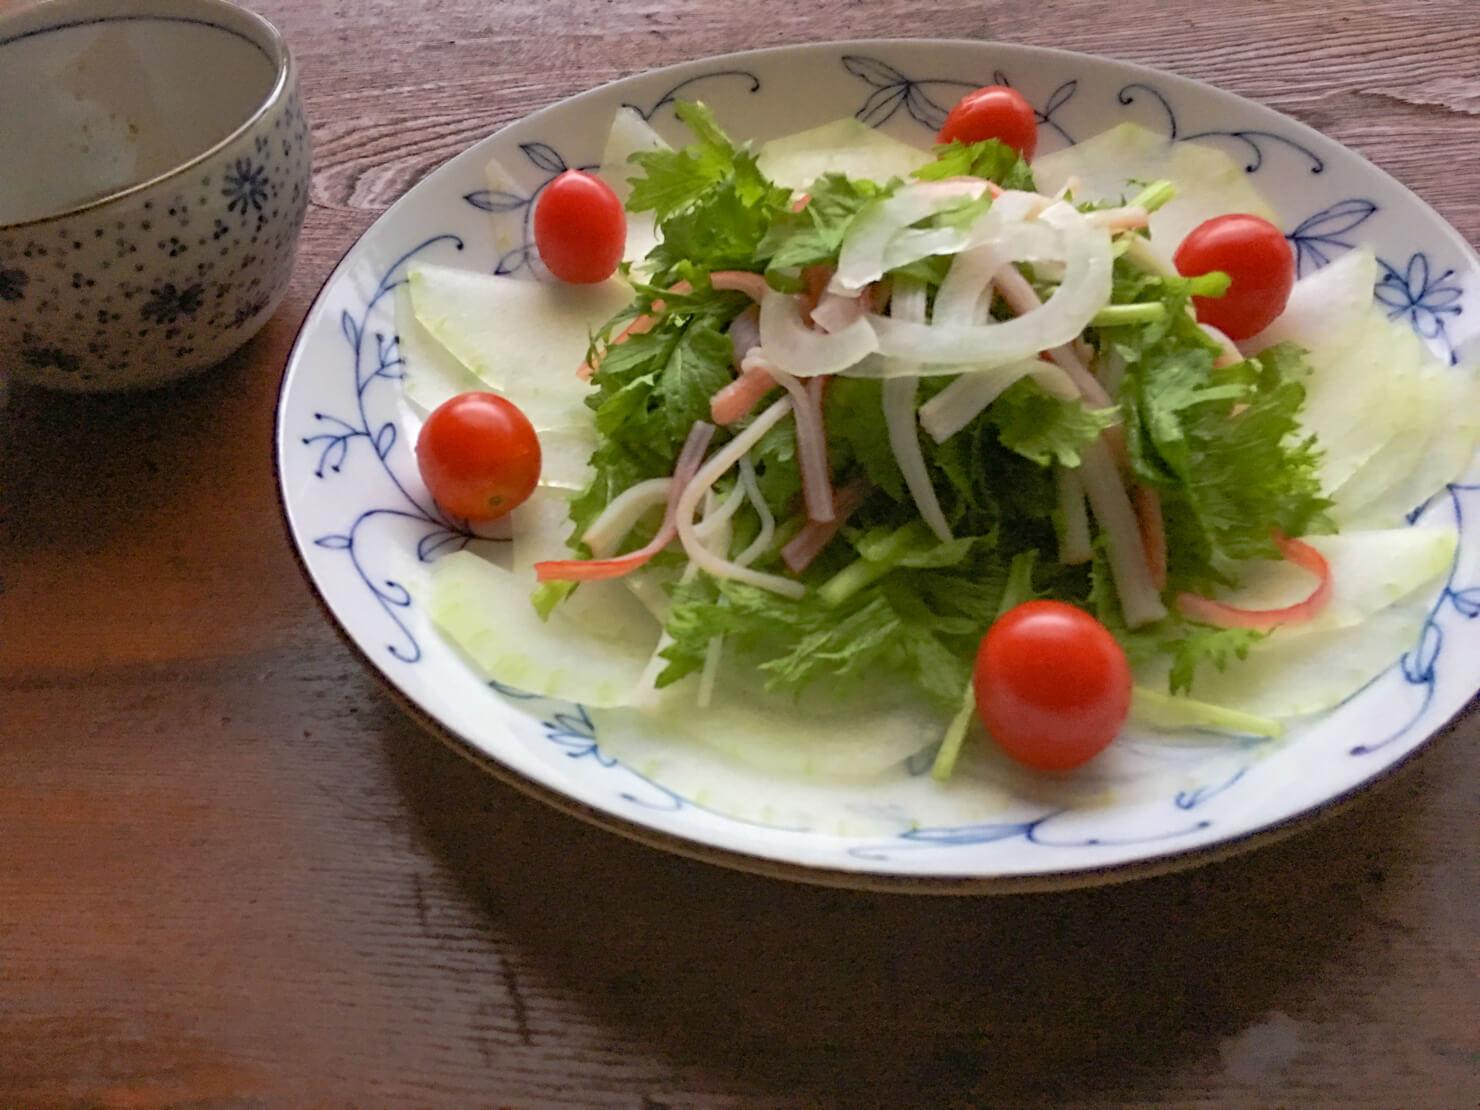 冬瓜とカニカマの簡単サラダの写真